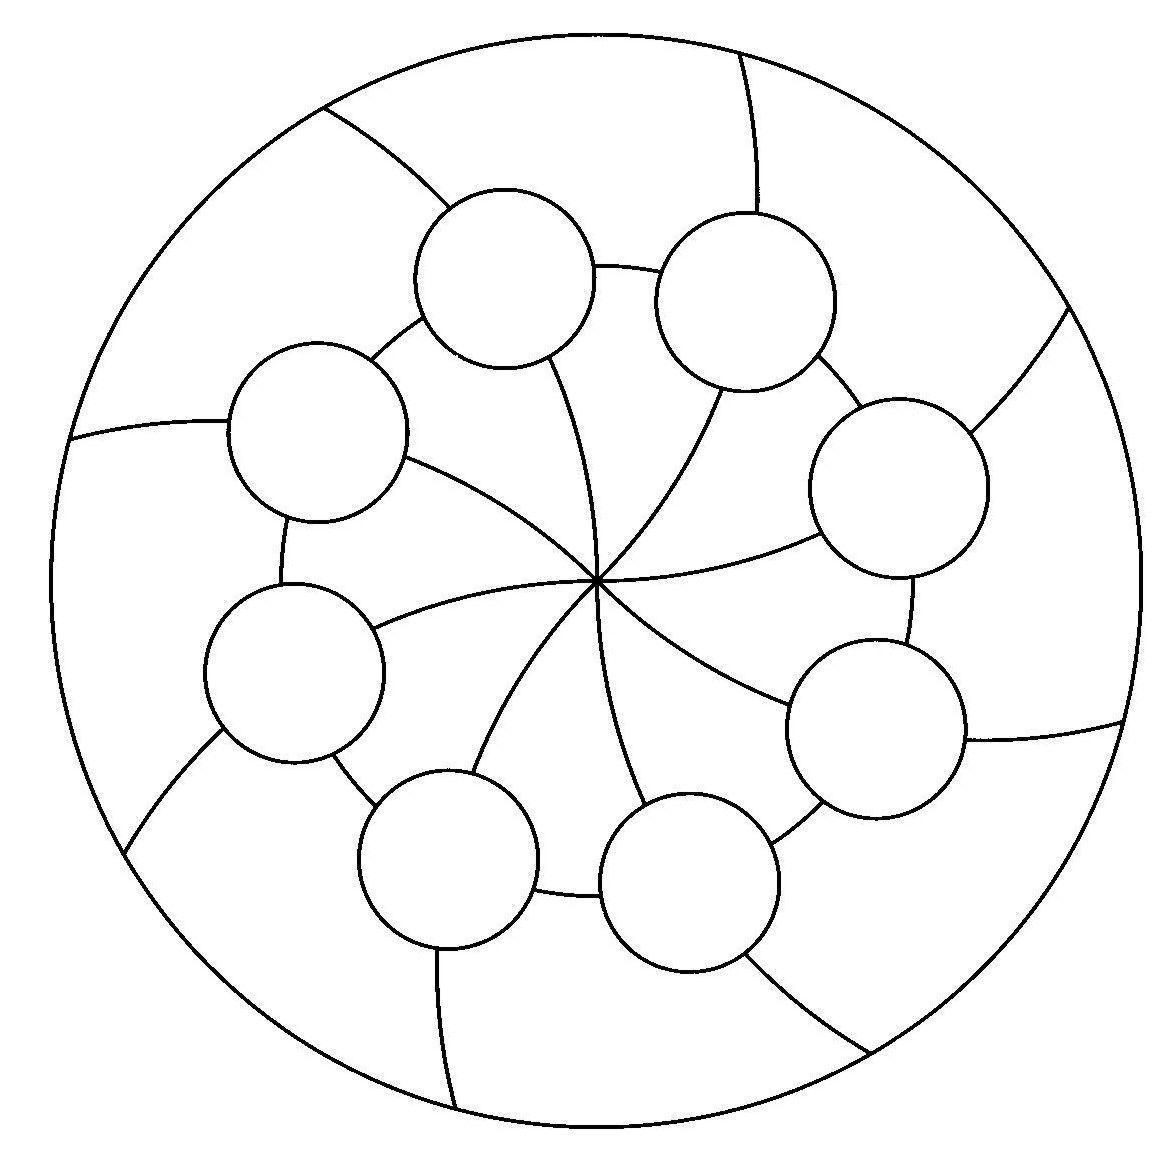 Mandalasgratis Com Mandala Coloring Books Mandala Stencils Mandala Pattern